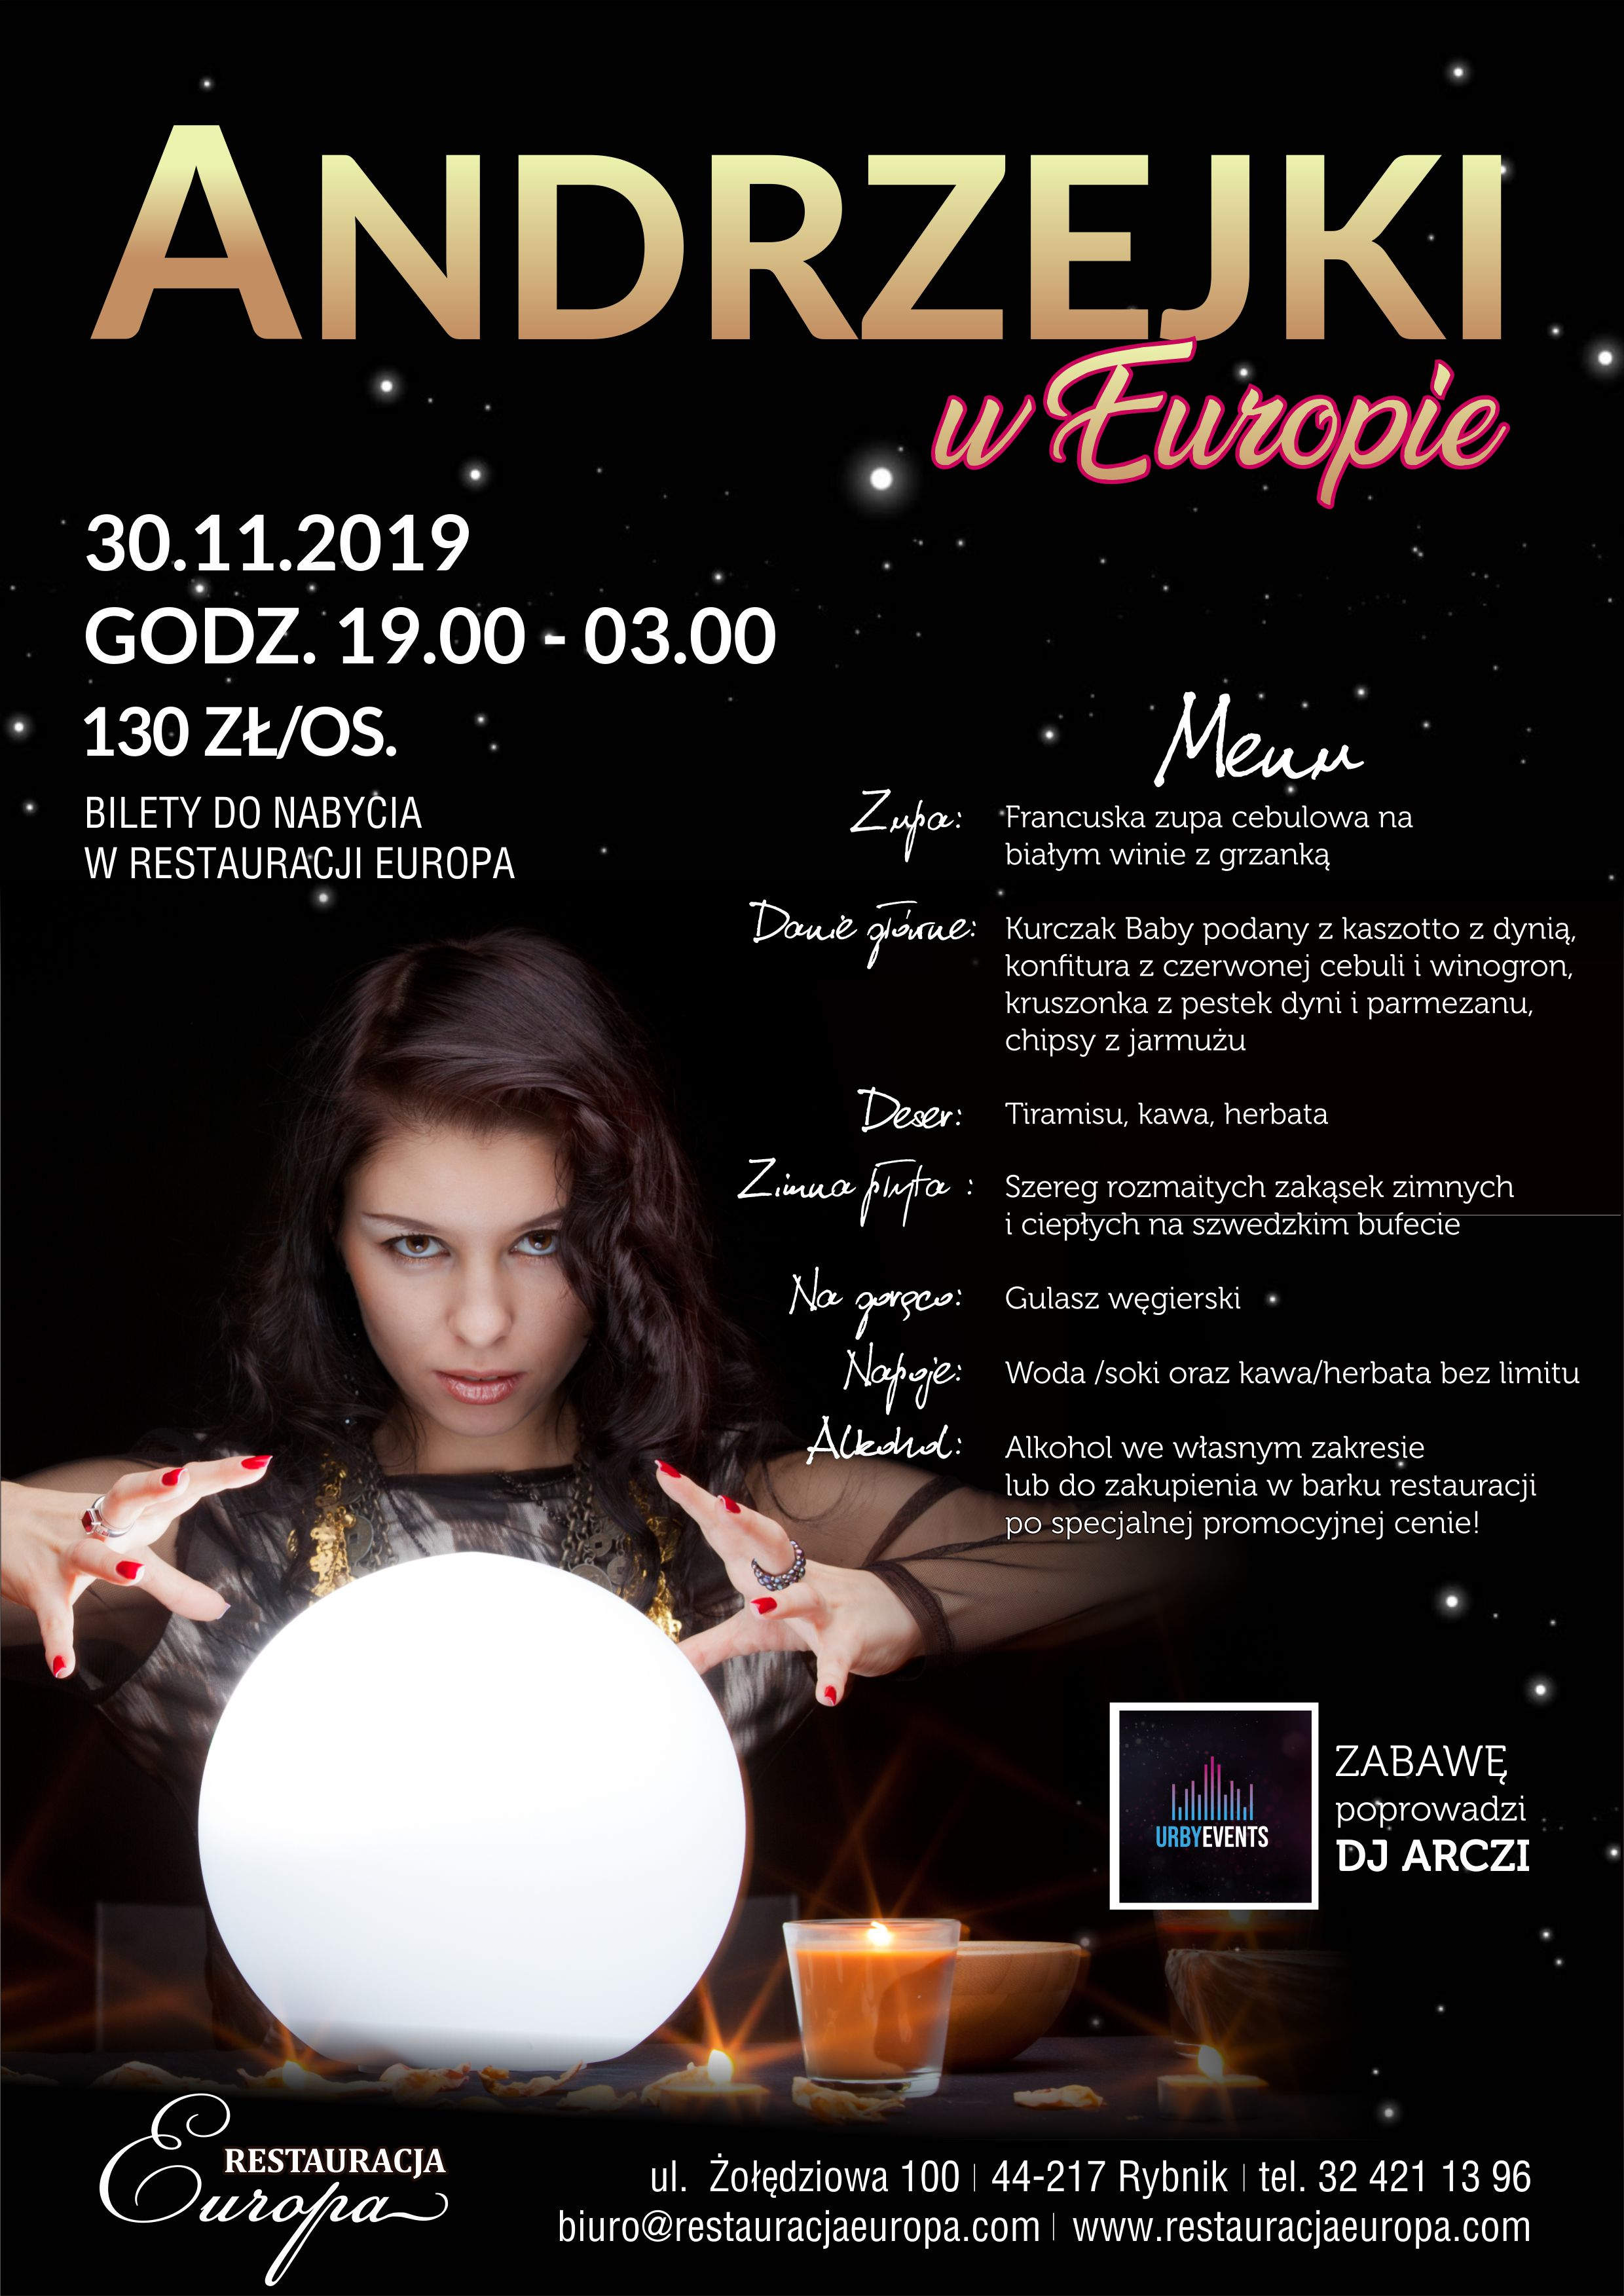 Andrzejki 2019 | Restauracja Europa